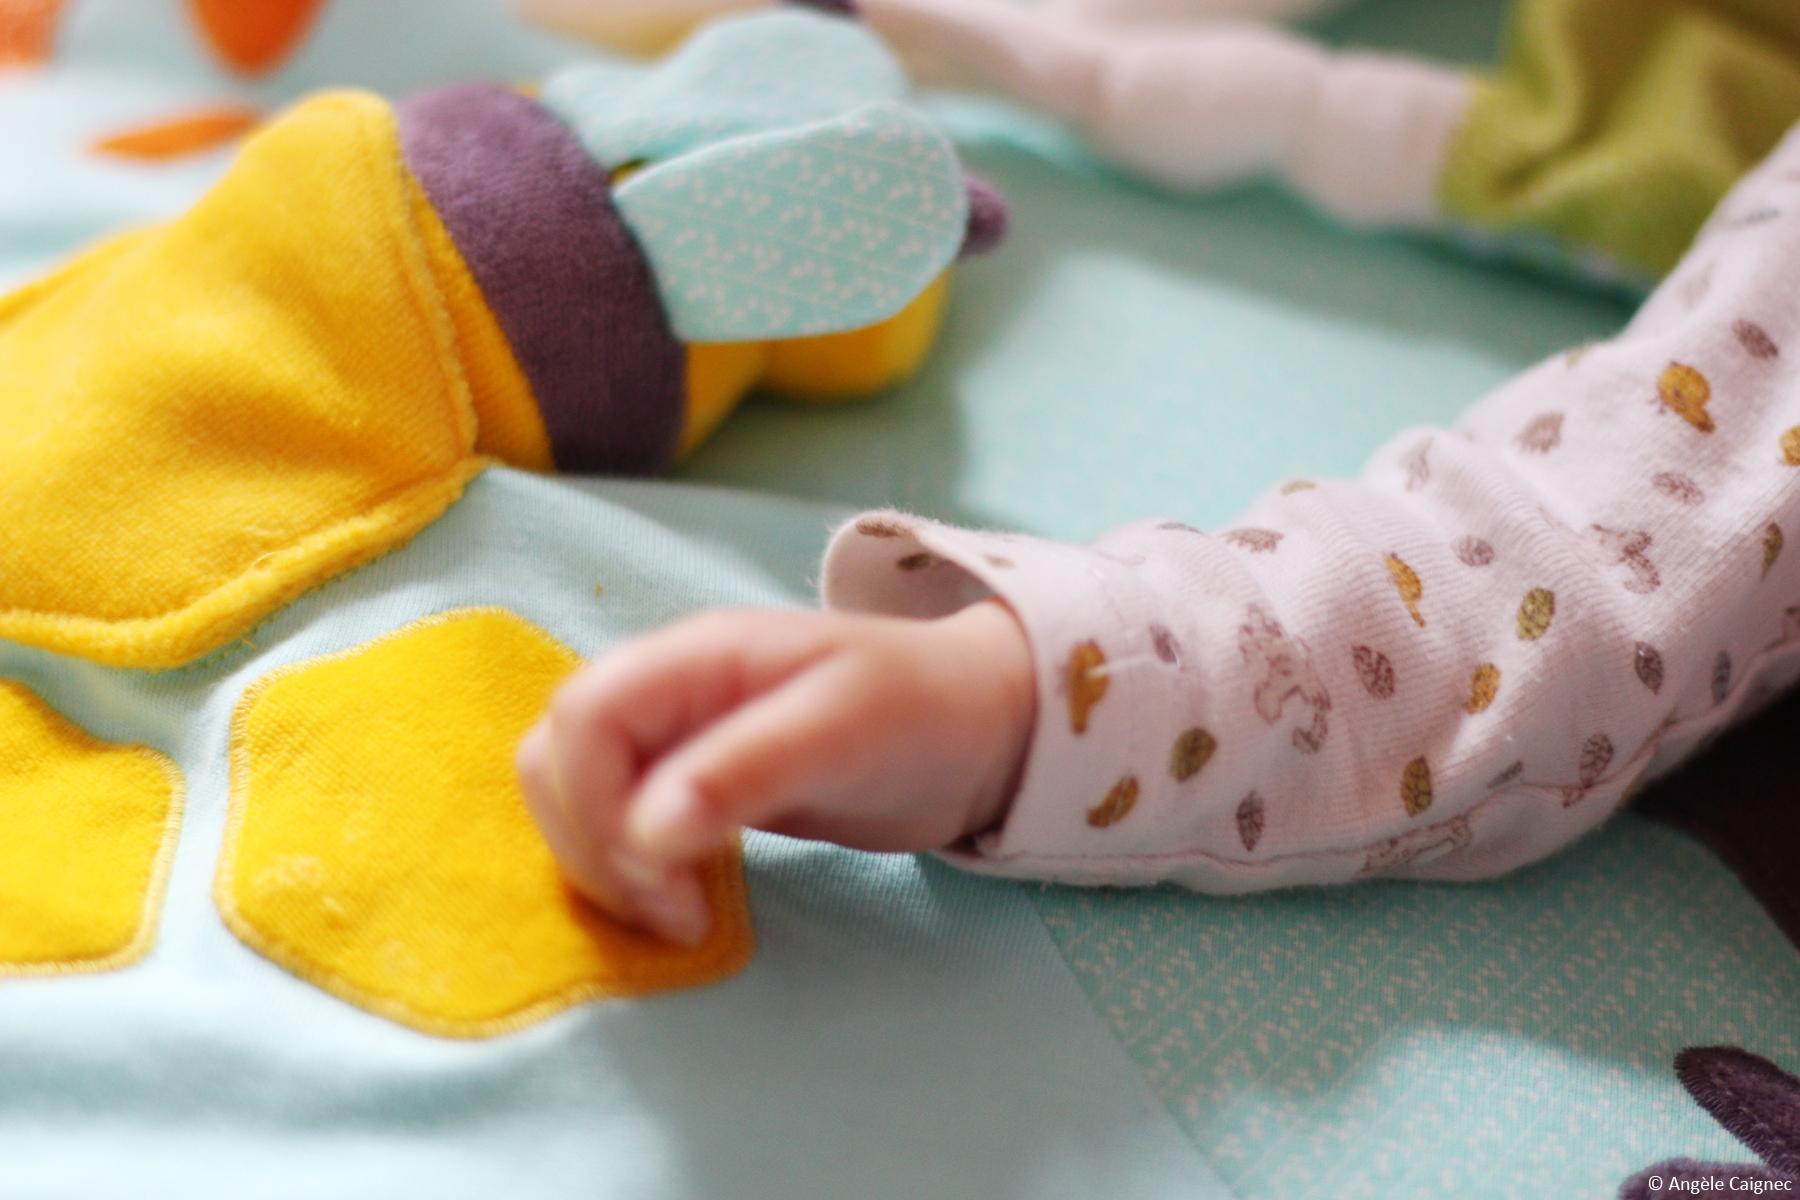 Détail de la main de mon bébé sur son tapis d'éveil